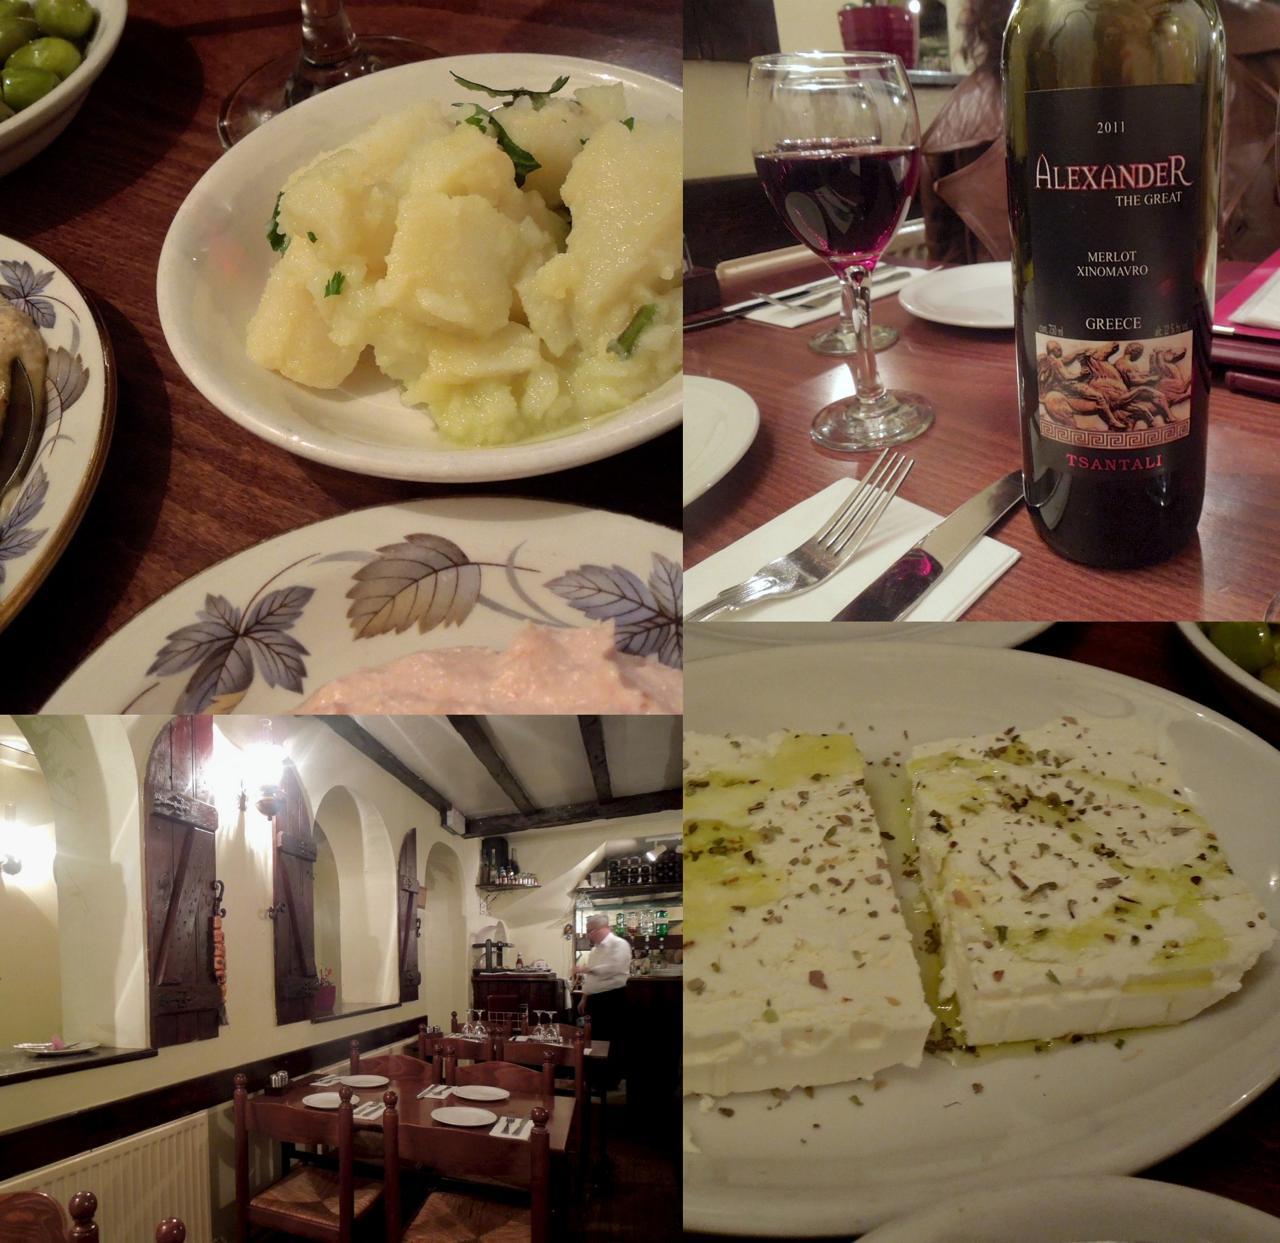 ギリシャ・ワインとメッゼはやっぱり最高 ^^